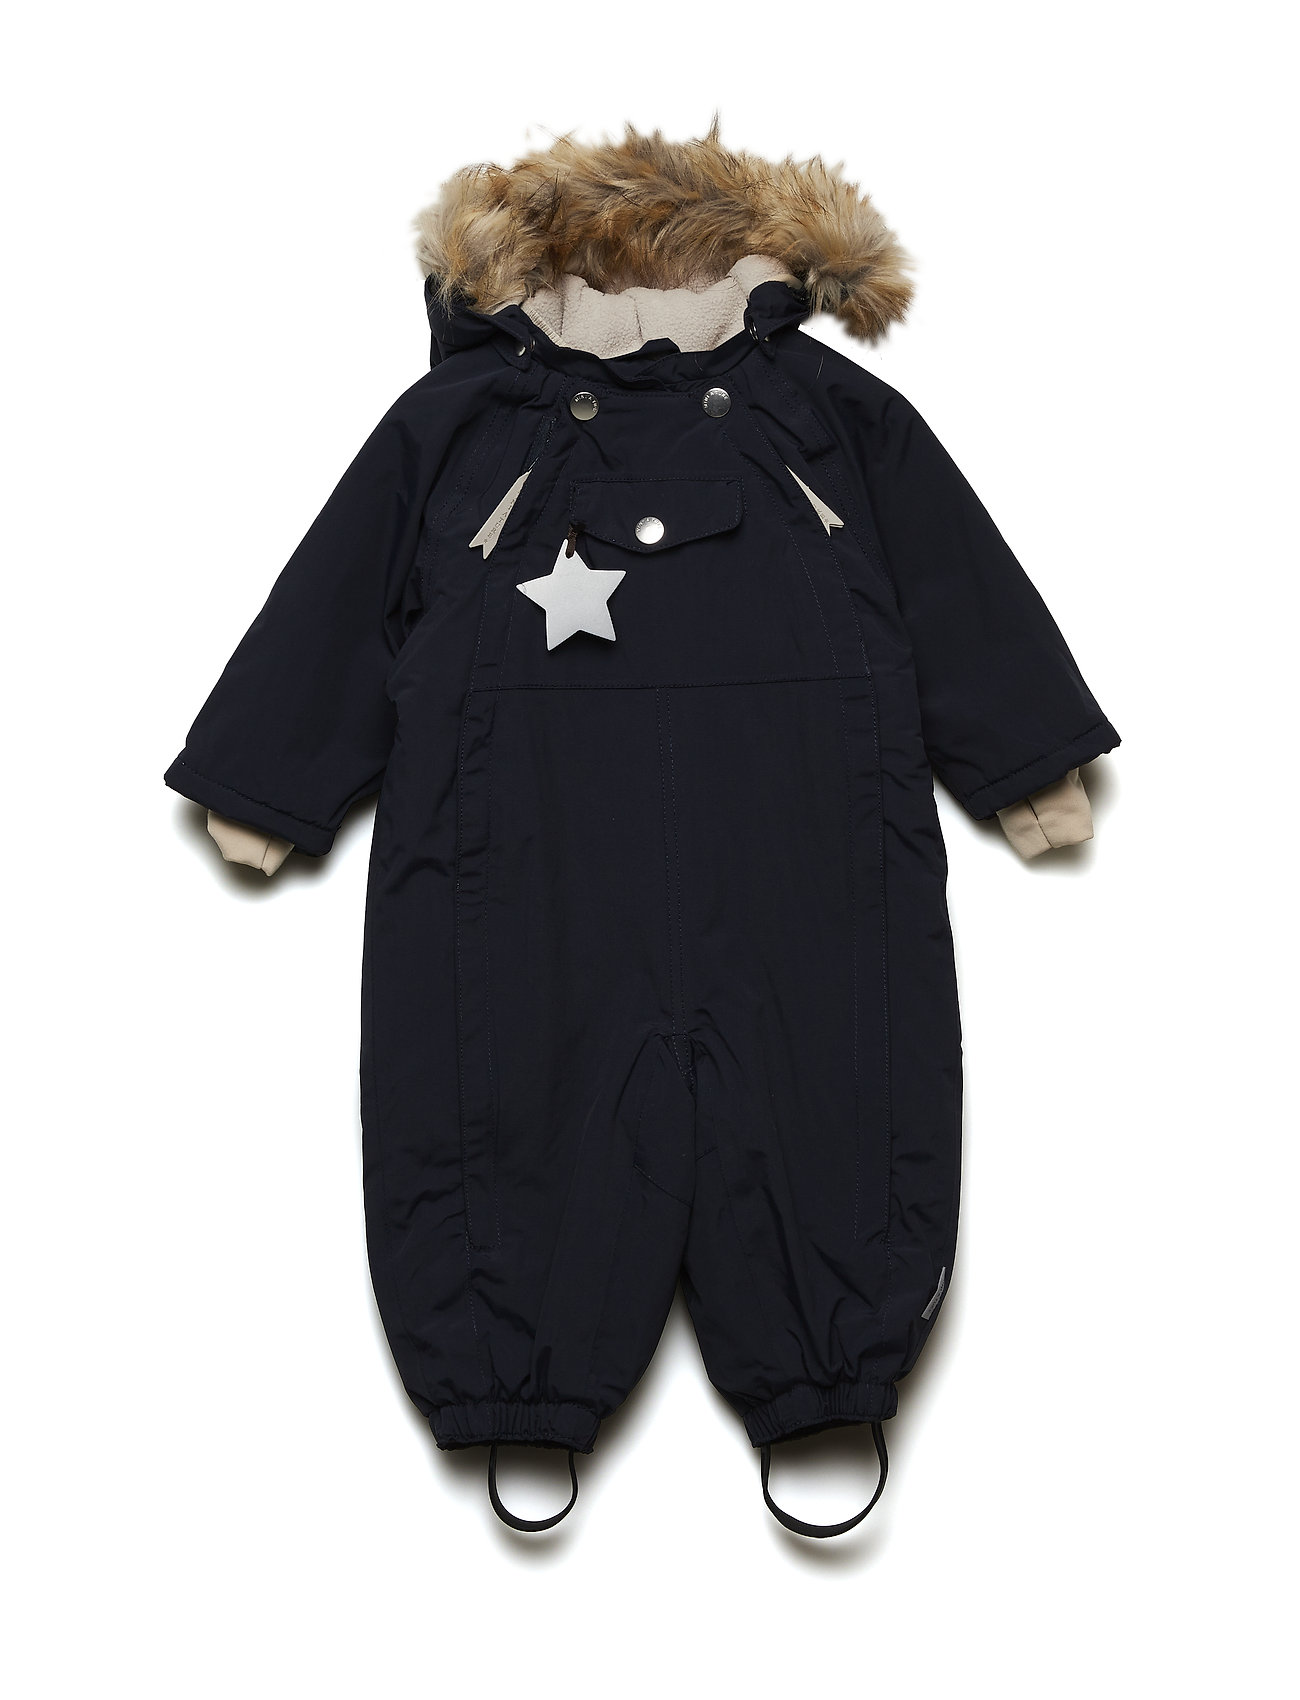 5b8b8c41ac1 Mini A Ture flyverdragter – Wisti Faux Fur Snowsuit, M til børn i ...